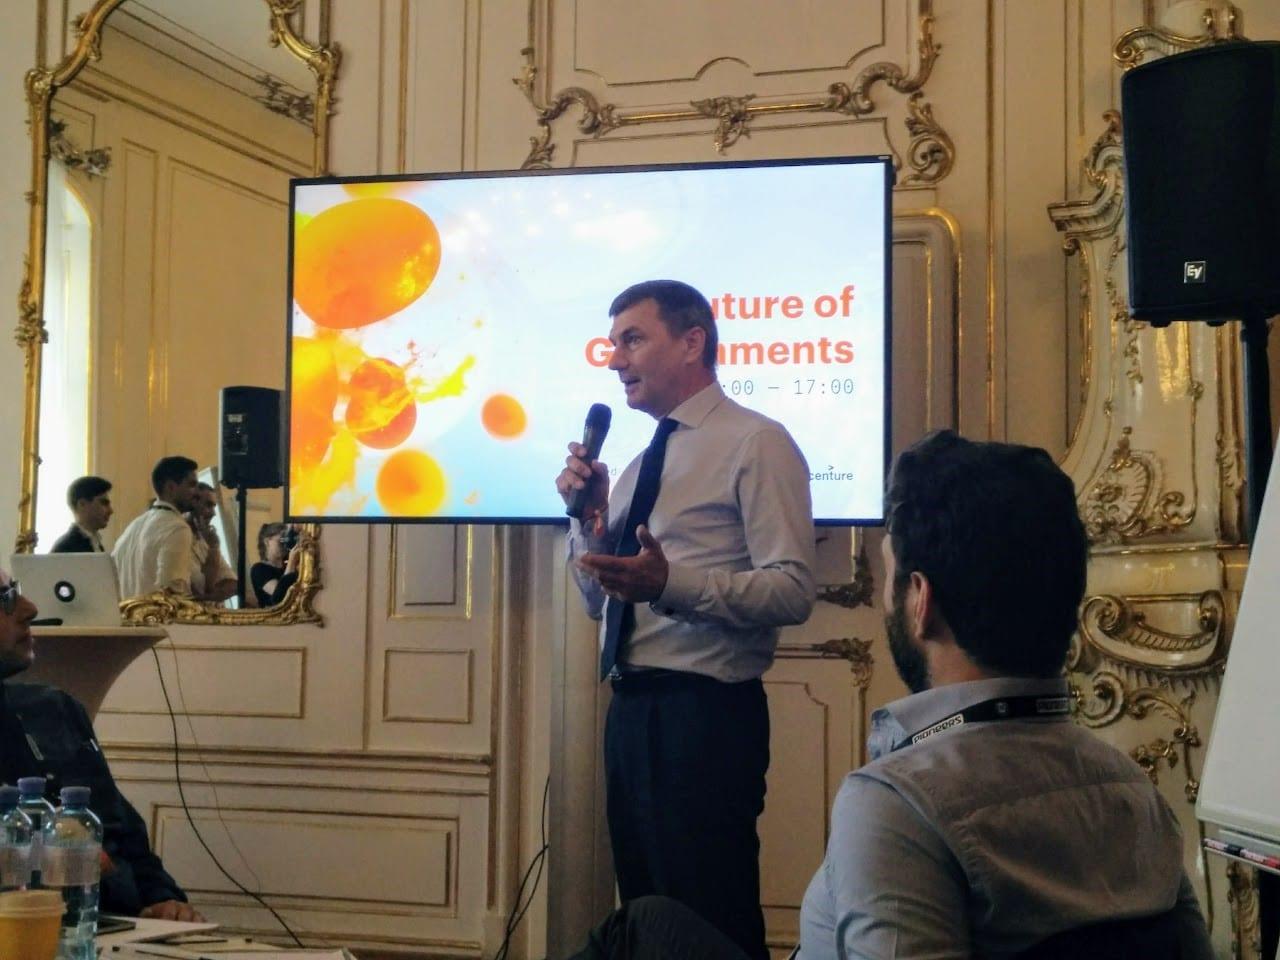 Die Zukunft des E-Government: wesentliche Schlussfolgerungen vom Pioneers Festival Wien 2017